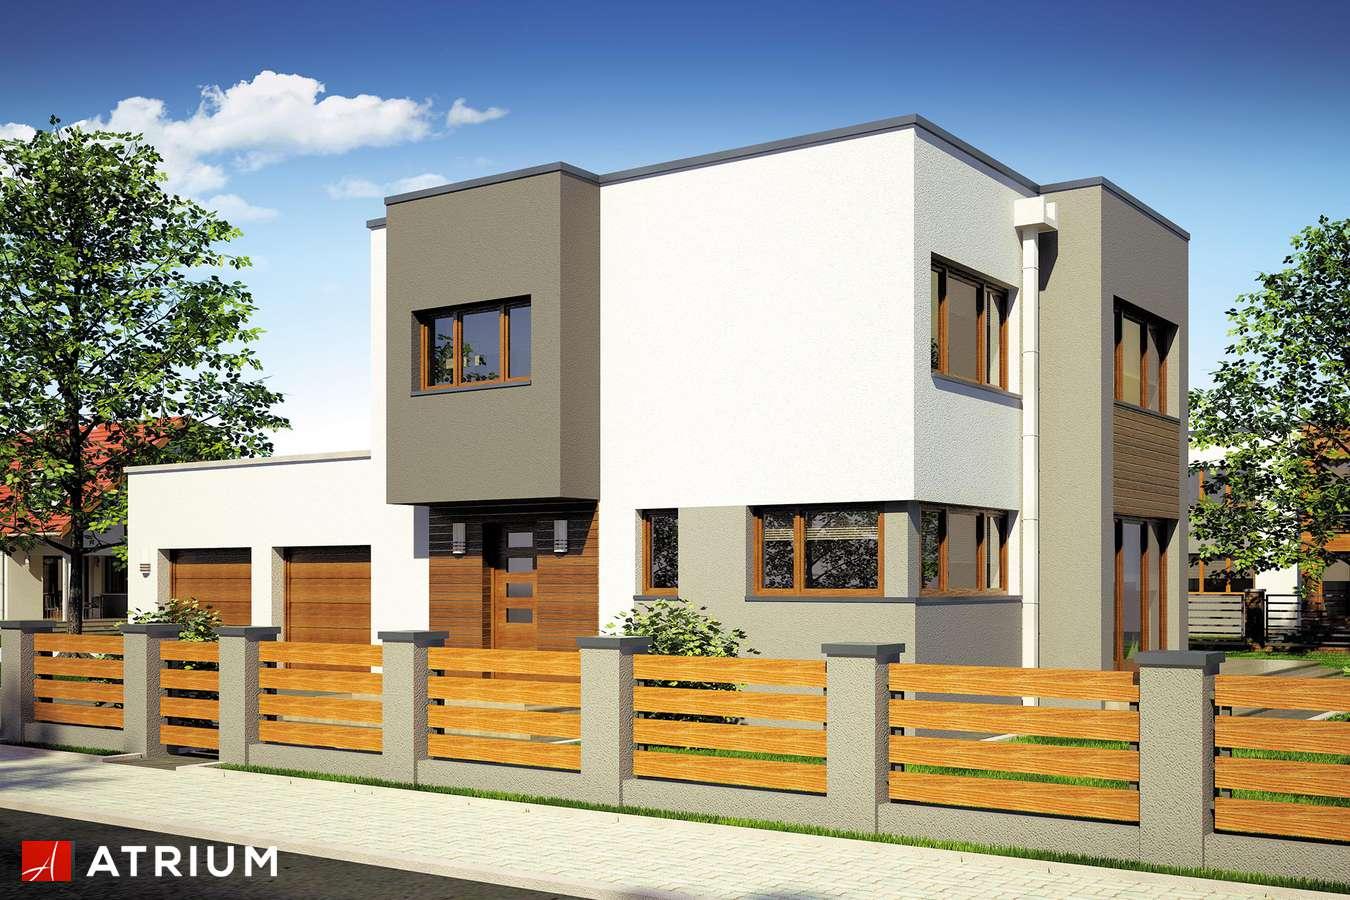 Projekty domów - Projekt domu piętrowego BETA - wizualizacja 1 - wersja lustrzana